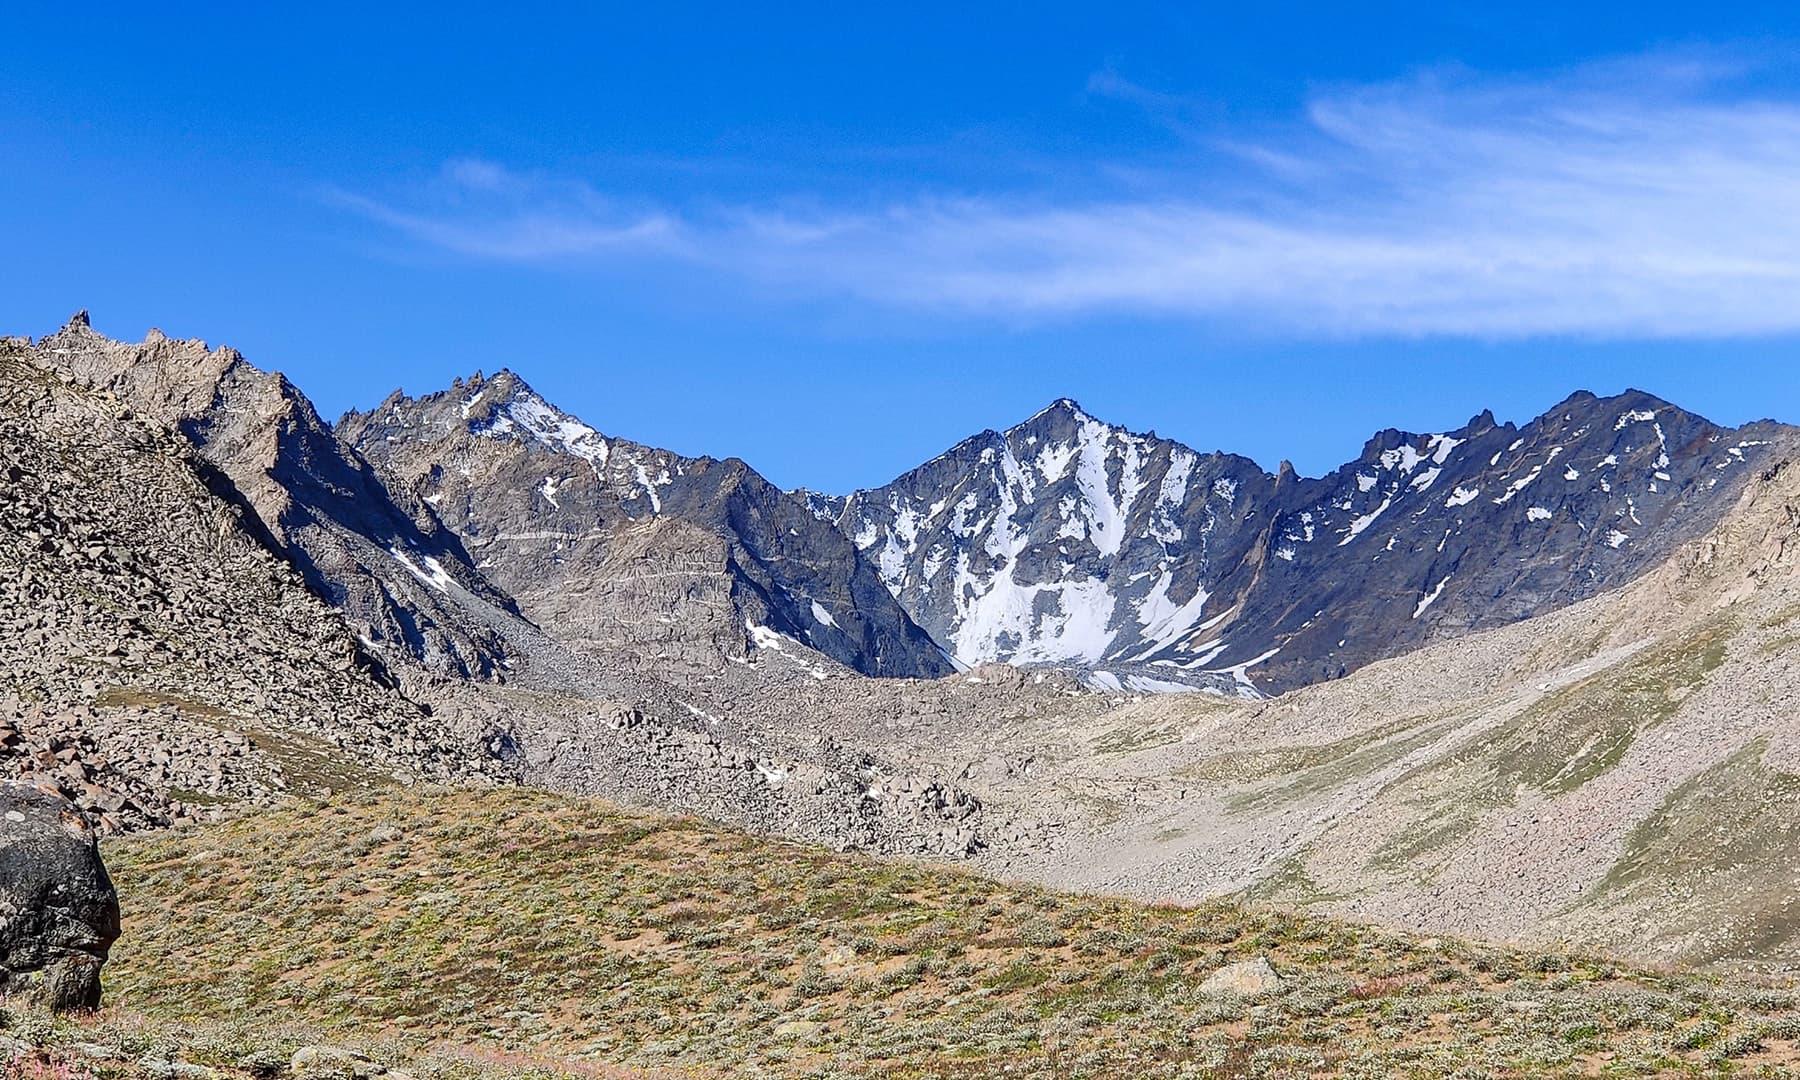 جھیل سے قبل آنے والا ایک خوبصورت و بلند پہاڑ